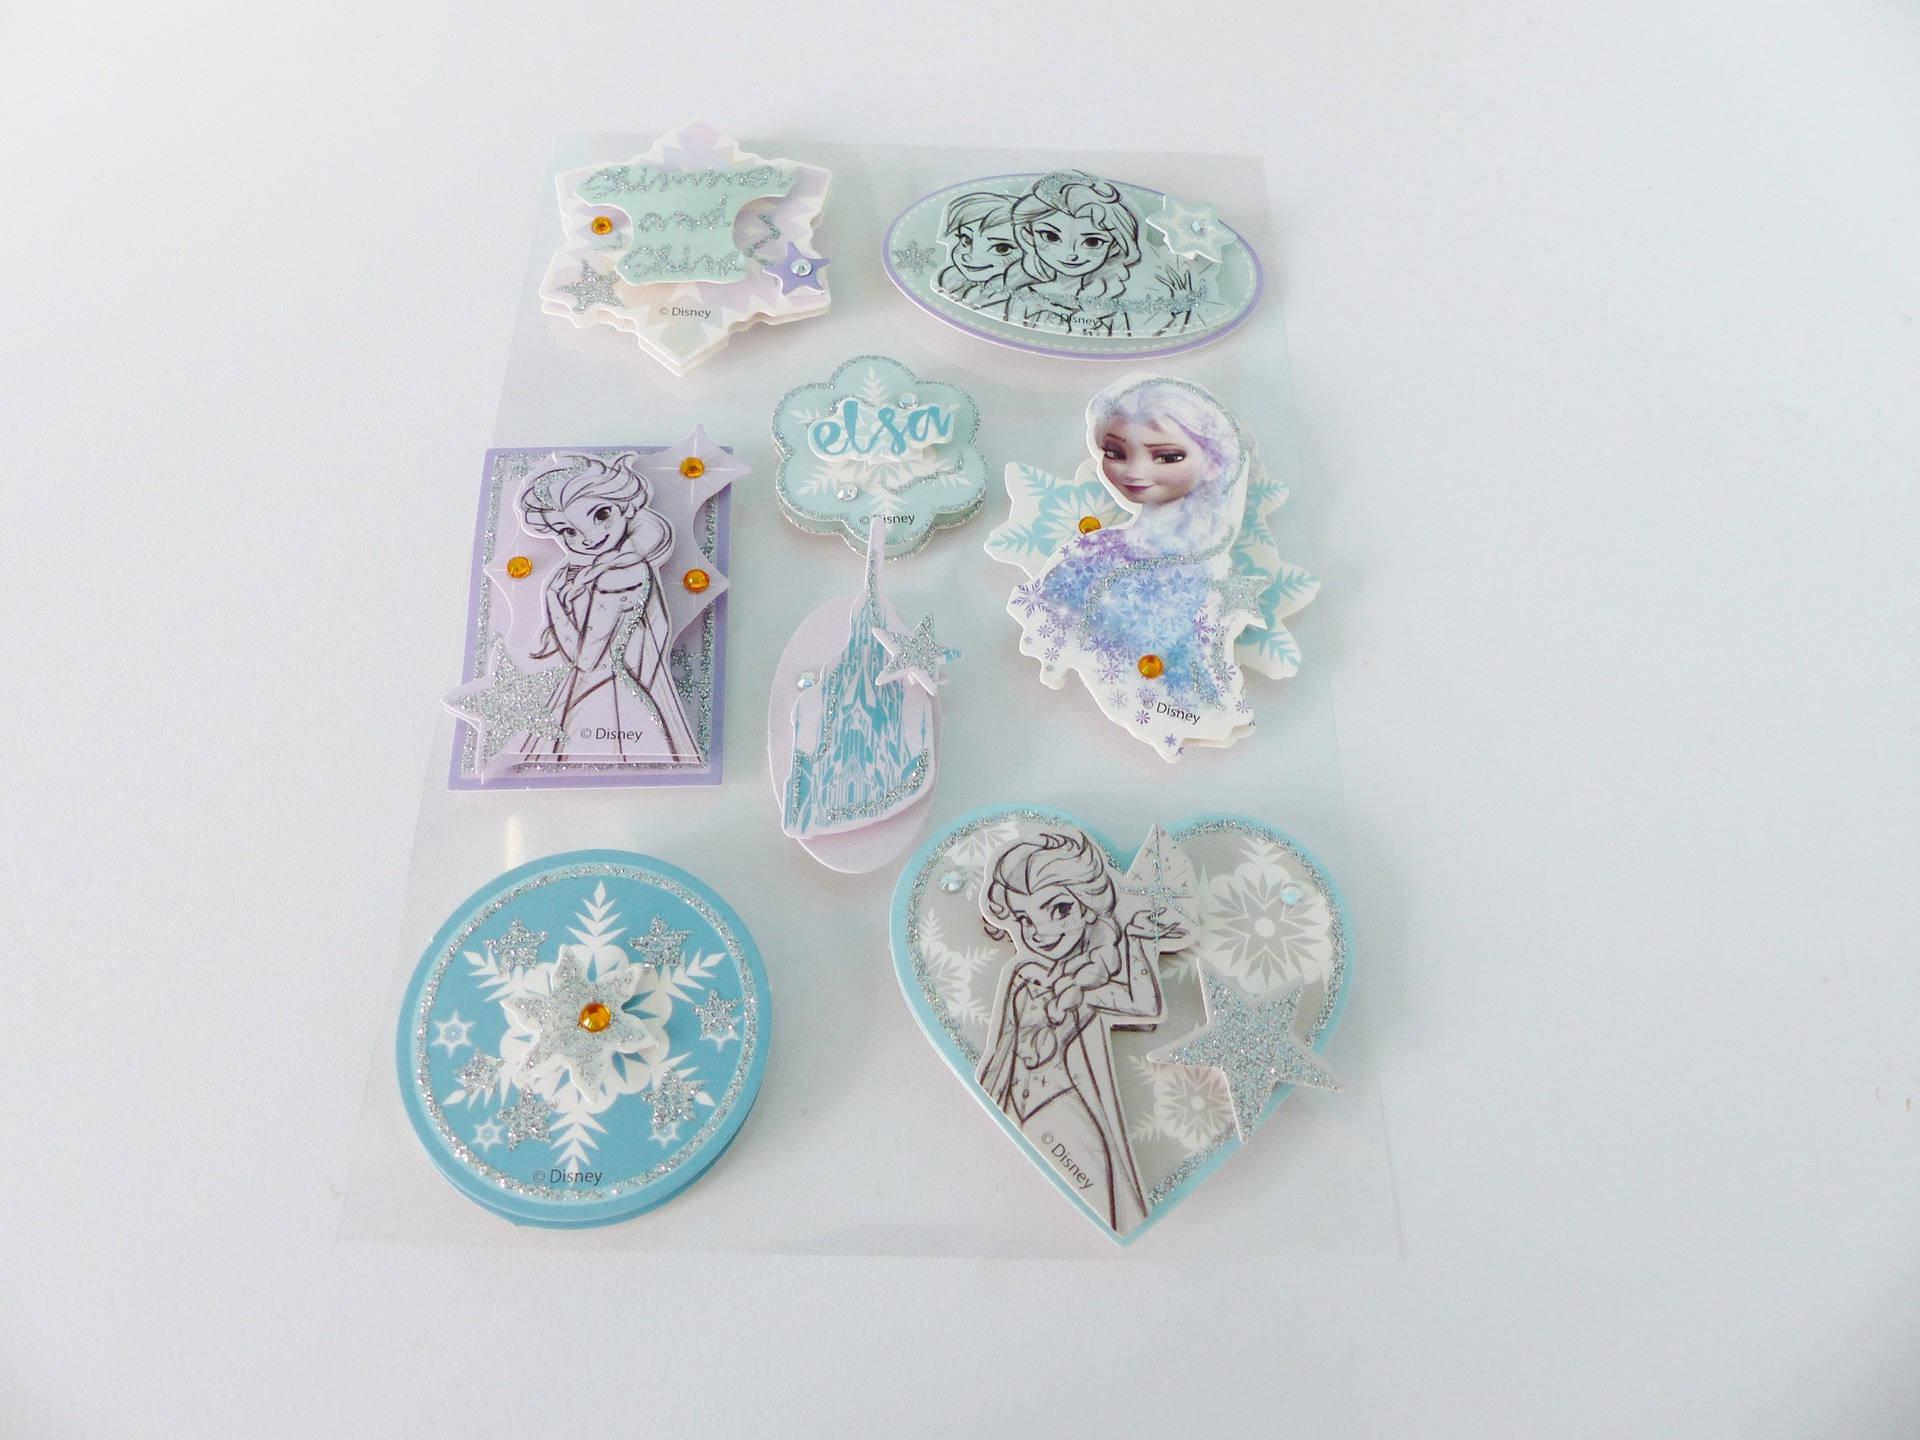 8 magnifiques stickers la reine des neiges elsa  en relief 3D cartonné avec strass et paillettes